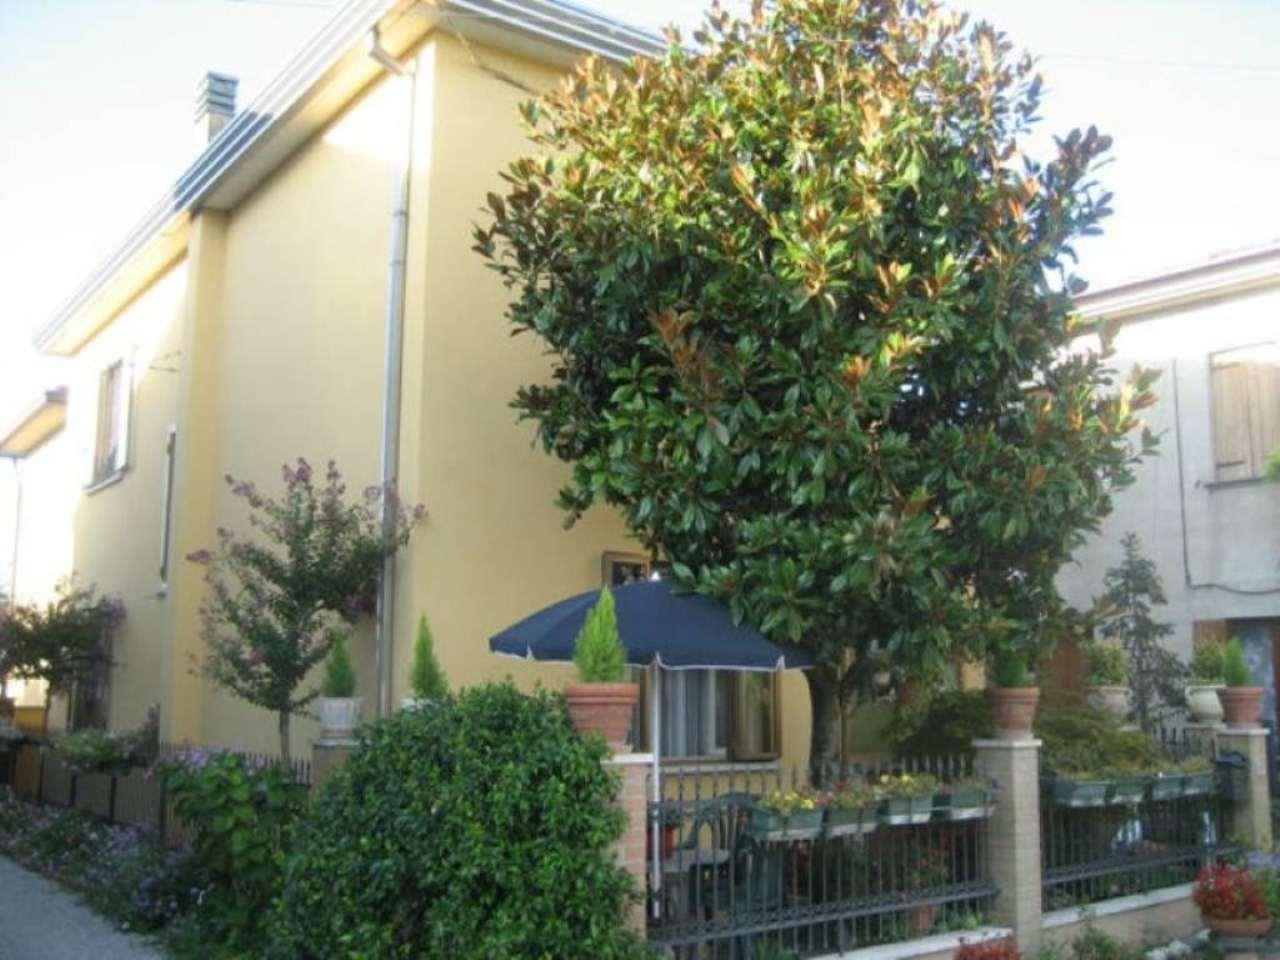 Soluzione Indipendente in vendita a Mirano, 8 locali, prezzo € 179.000 | CambioCasa.it